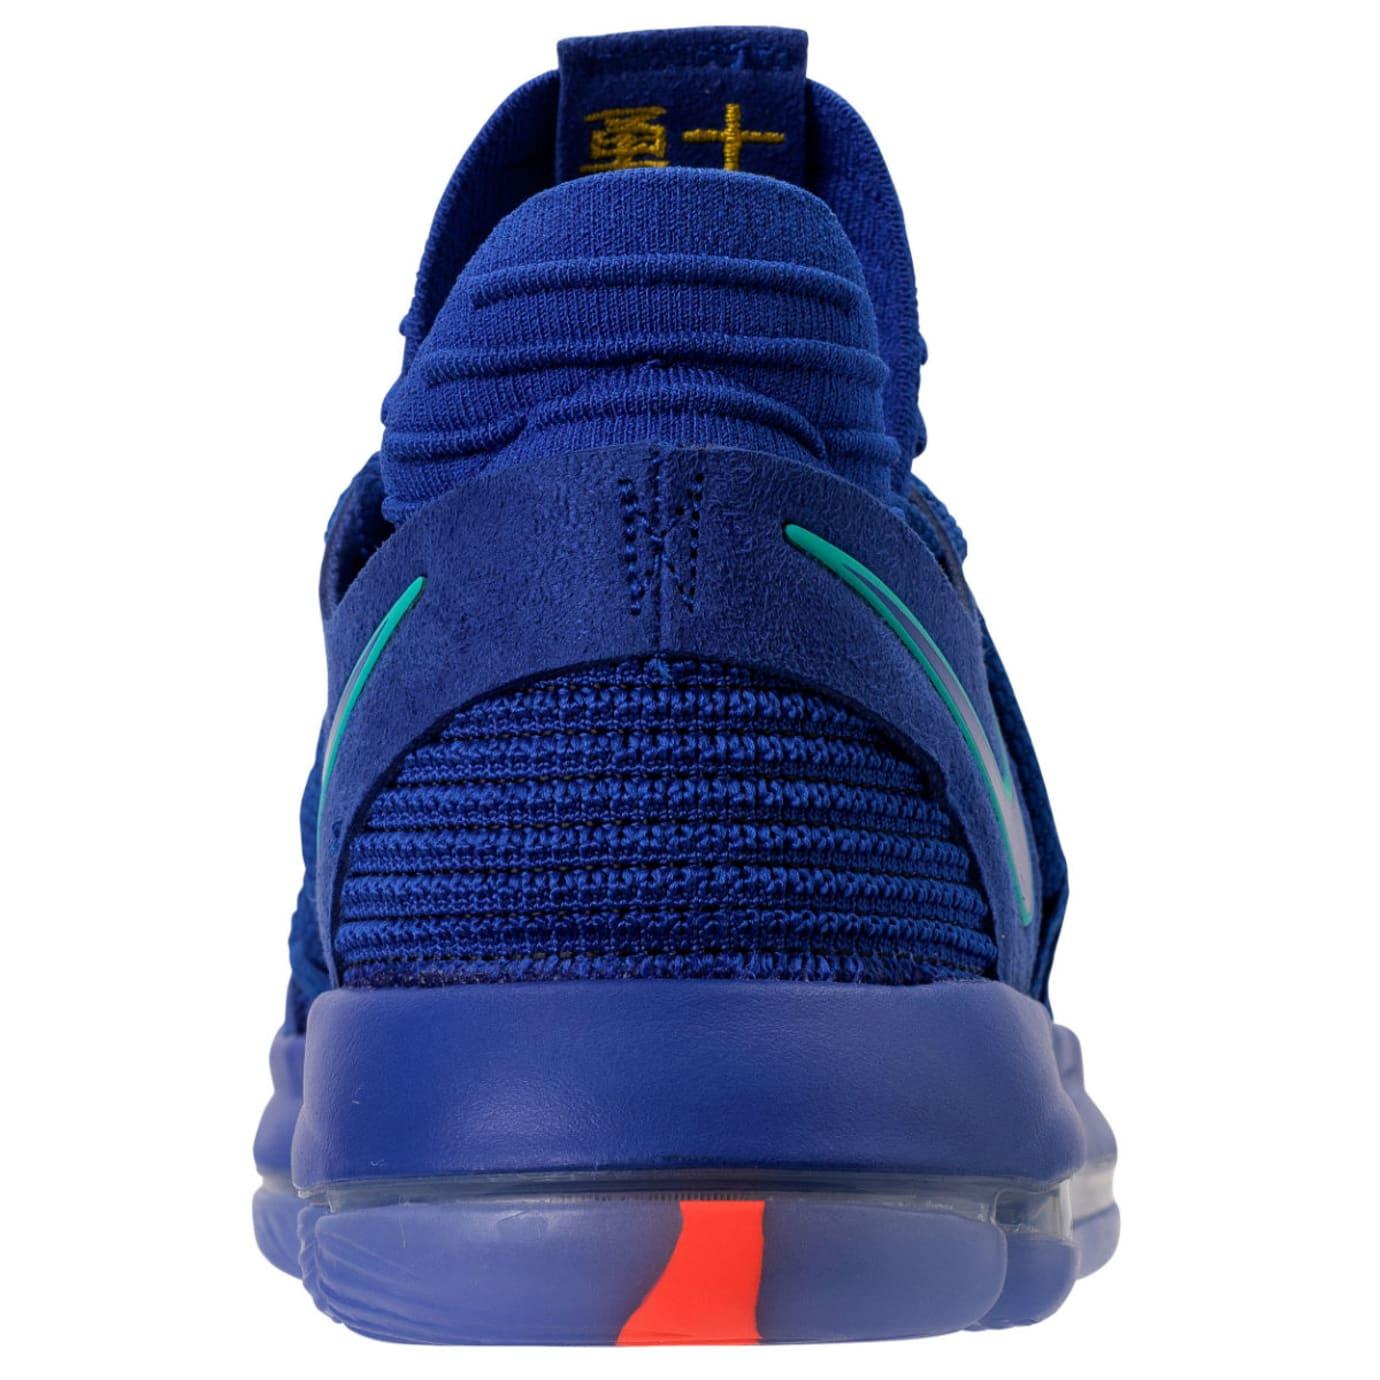 Nike KD 10 City Edition Release Date 897815-402 Heel